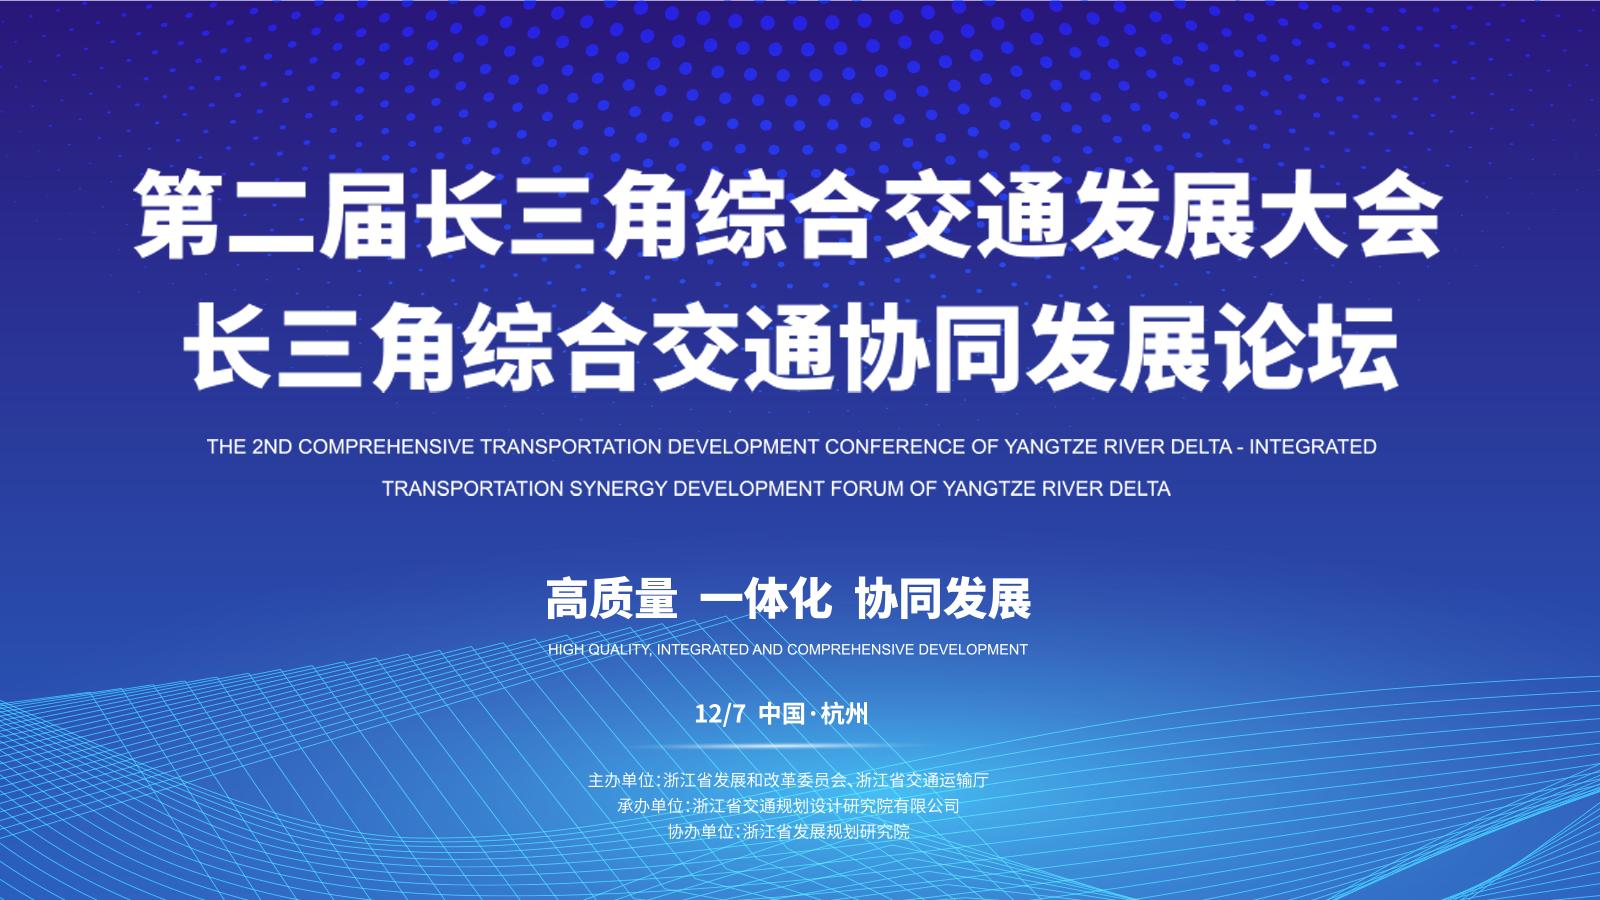 長三角綜合交通發展大會-綜合交通協同發展論壇.png